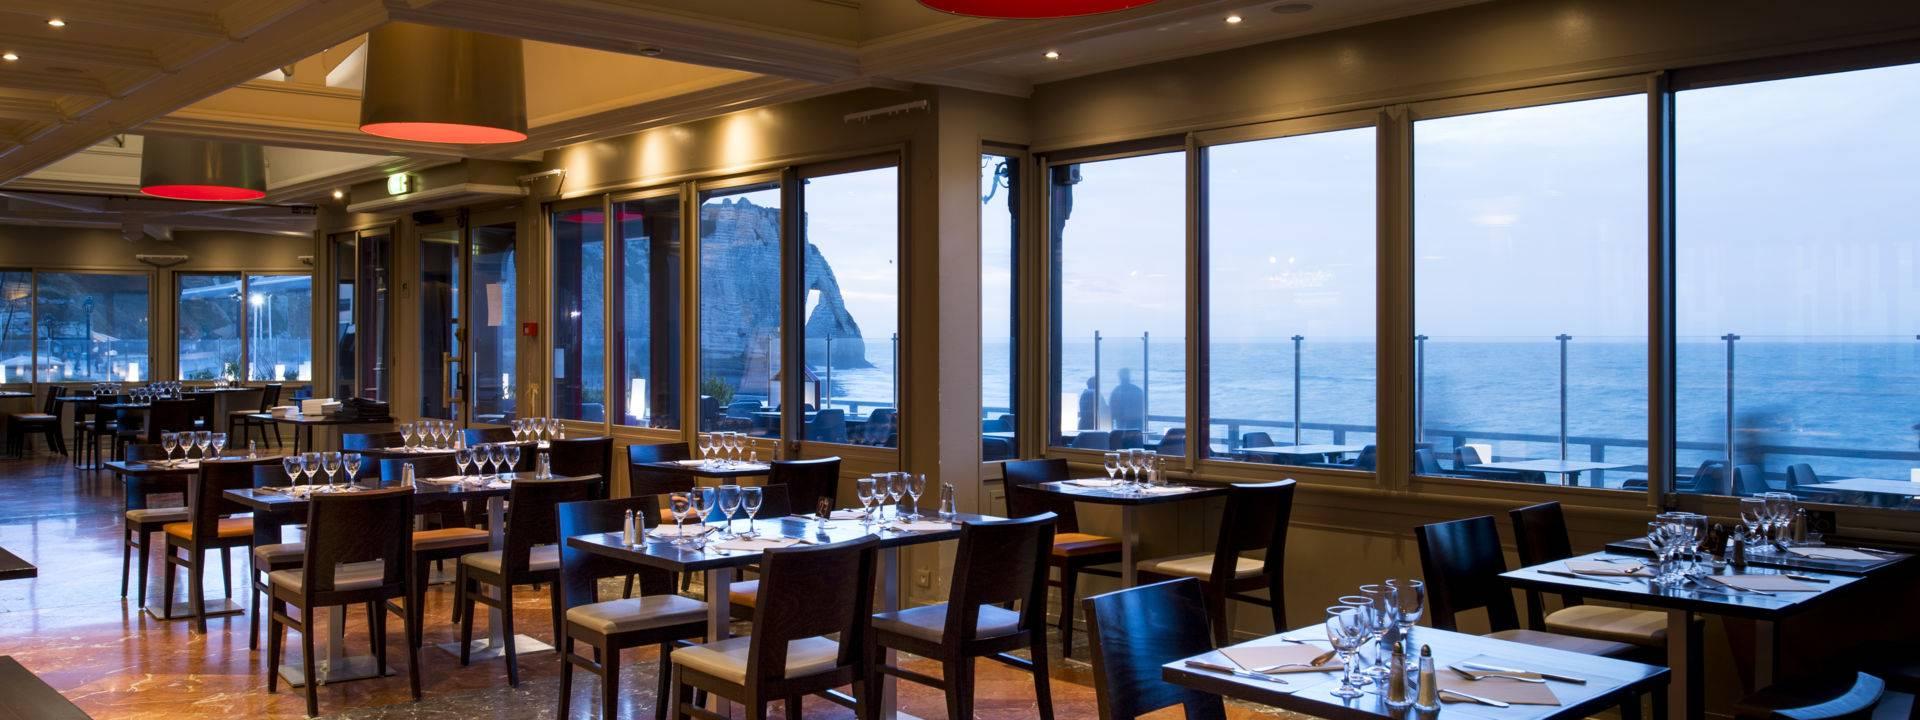 Restaurant Du Casino Joa D Etretat Casino Joa D Etretat Joa